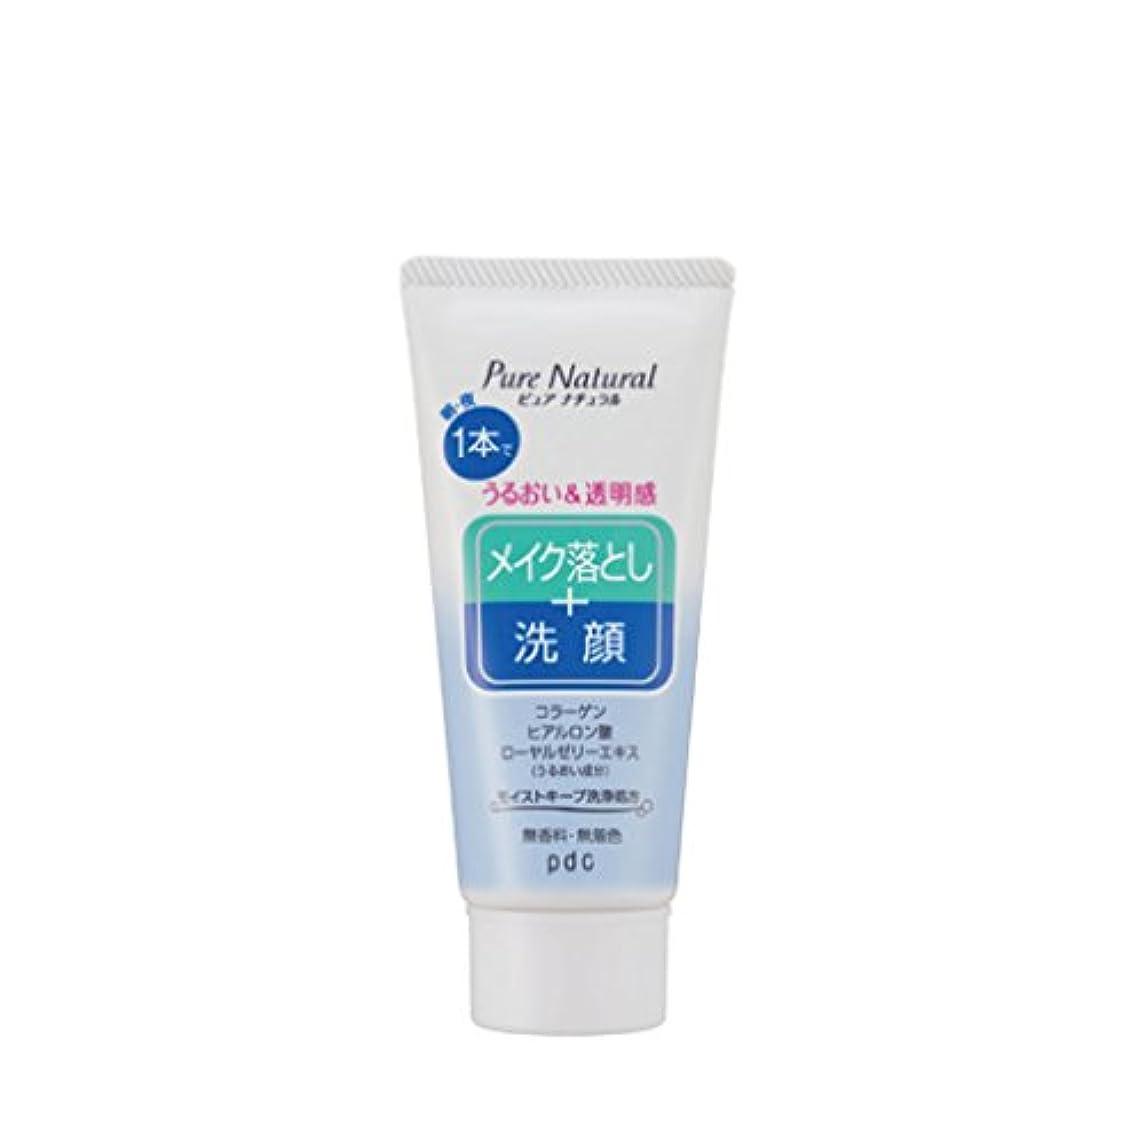 エーカーむしゃむしゃ最小Pure NATURAL(ピュアナチュラル) クレンジング洗顔 (ミニサイズ) 70g